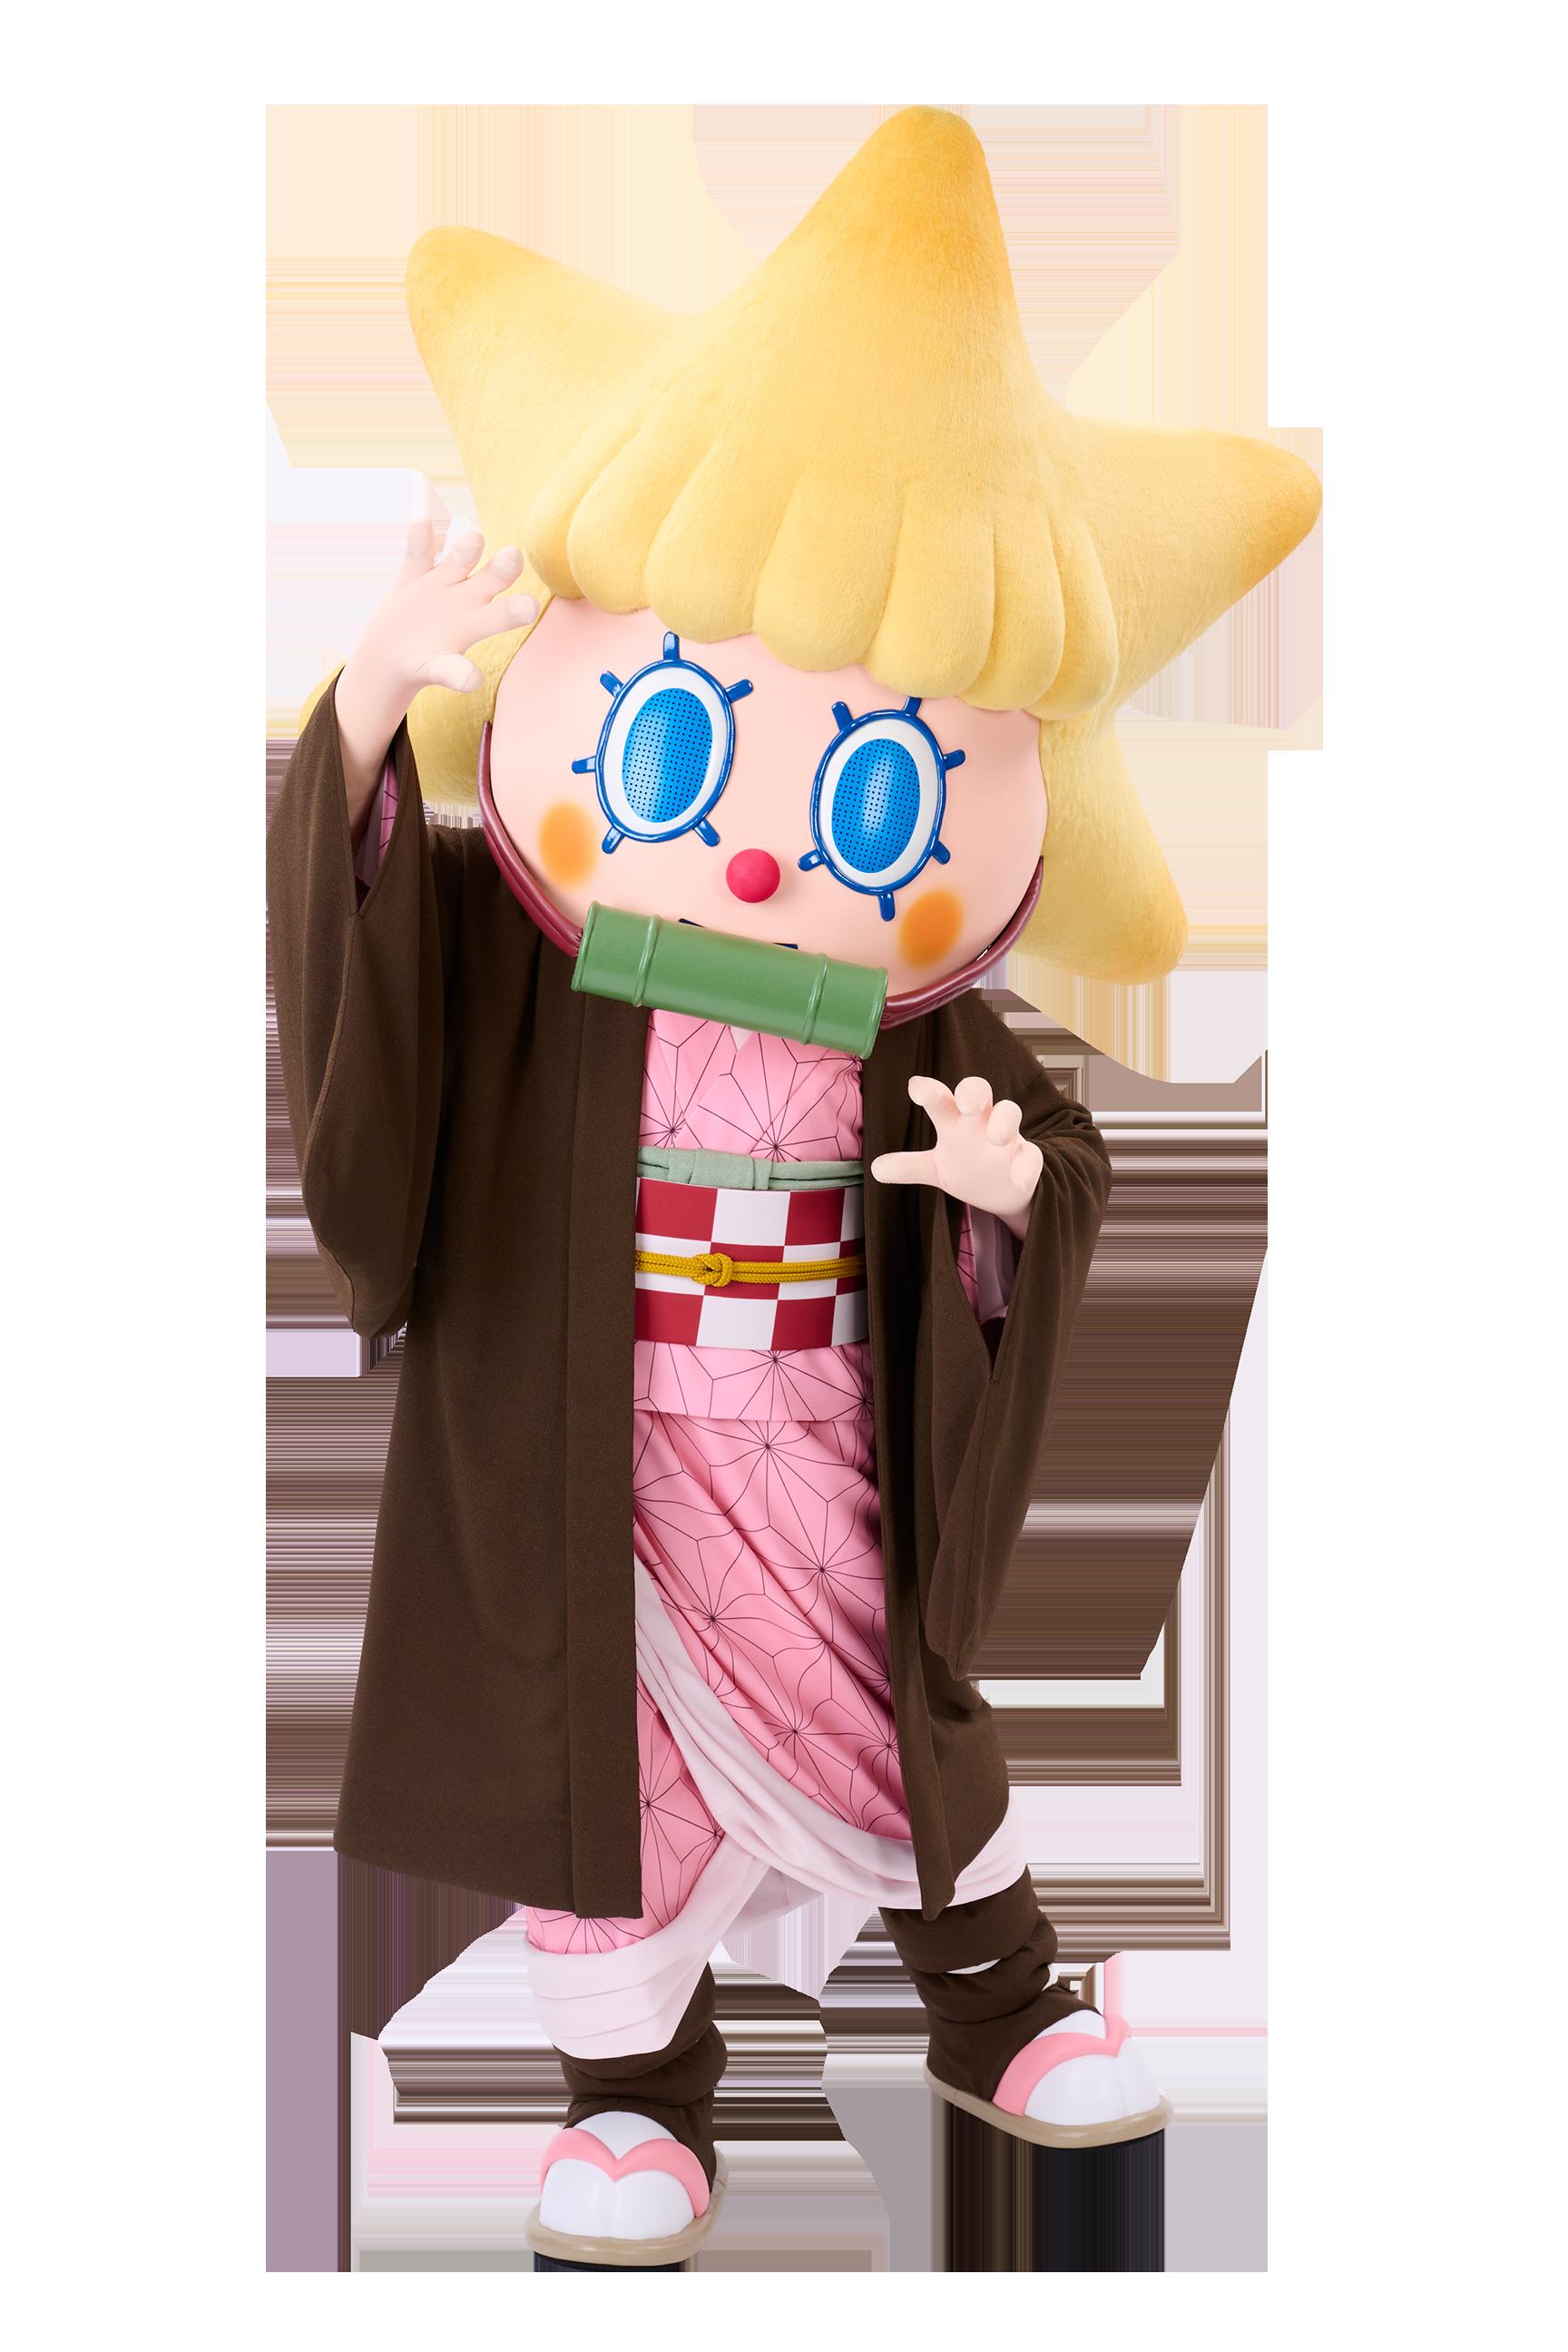 「鬼滅の刃×東京スカイツリー」限定コスチュームを着たソラカラちゃん